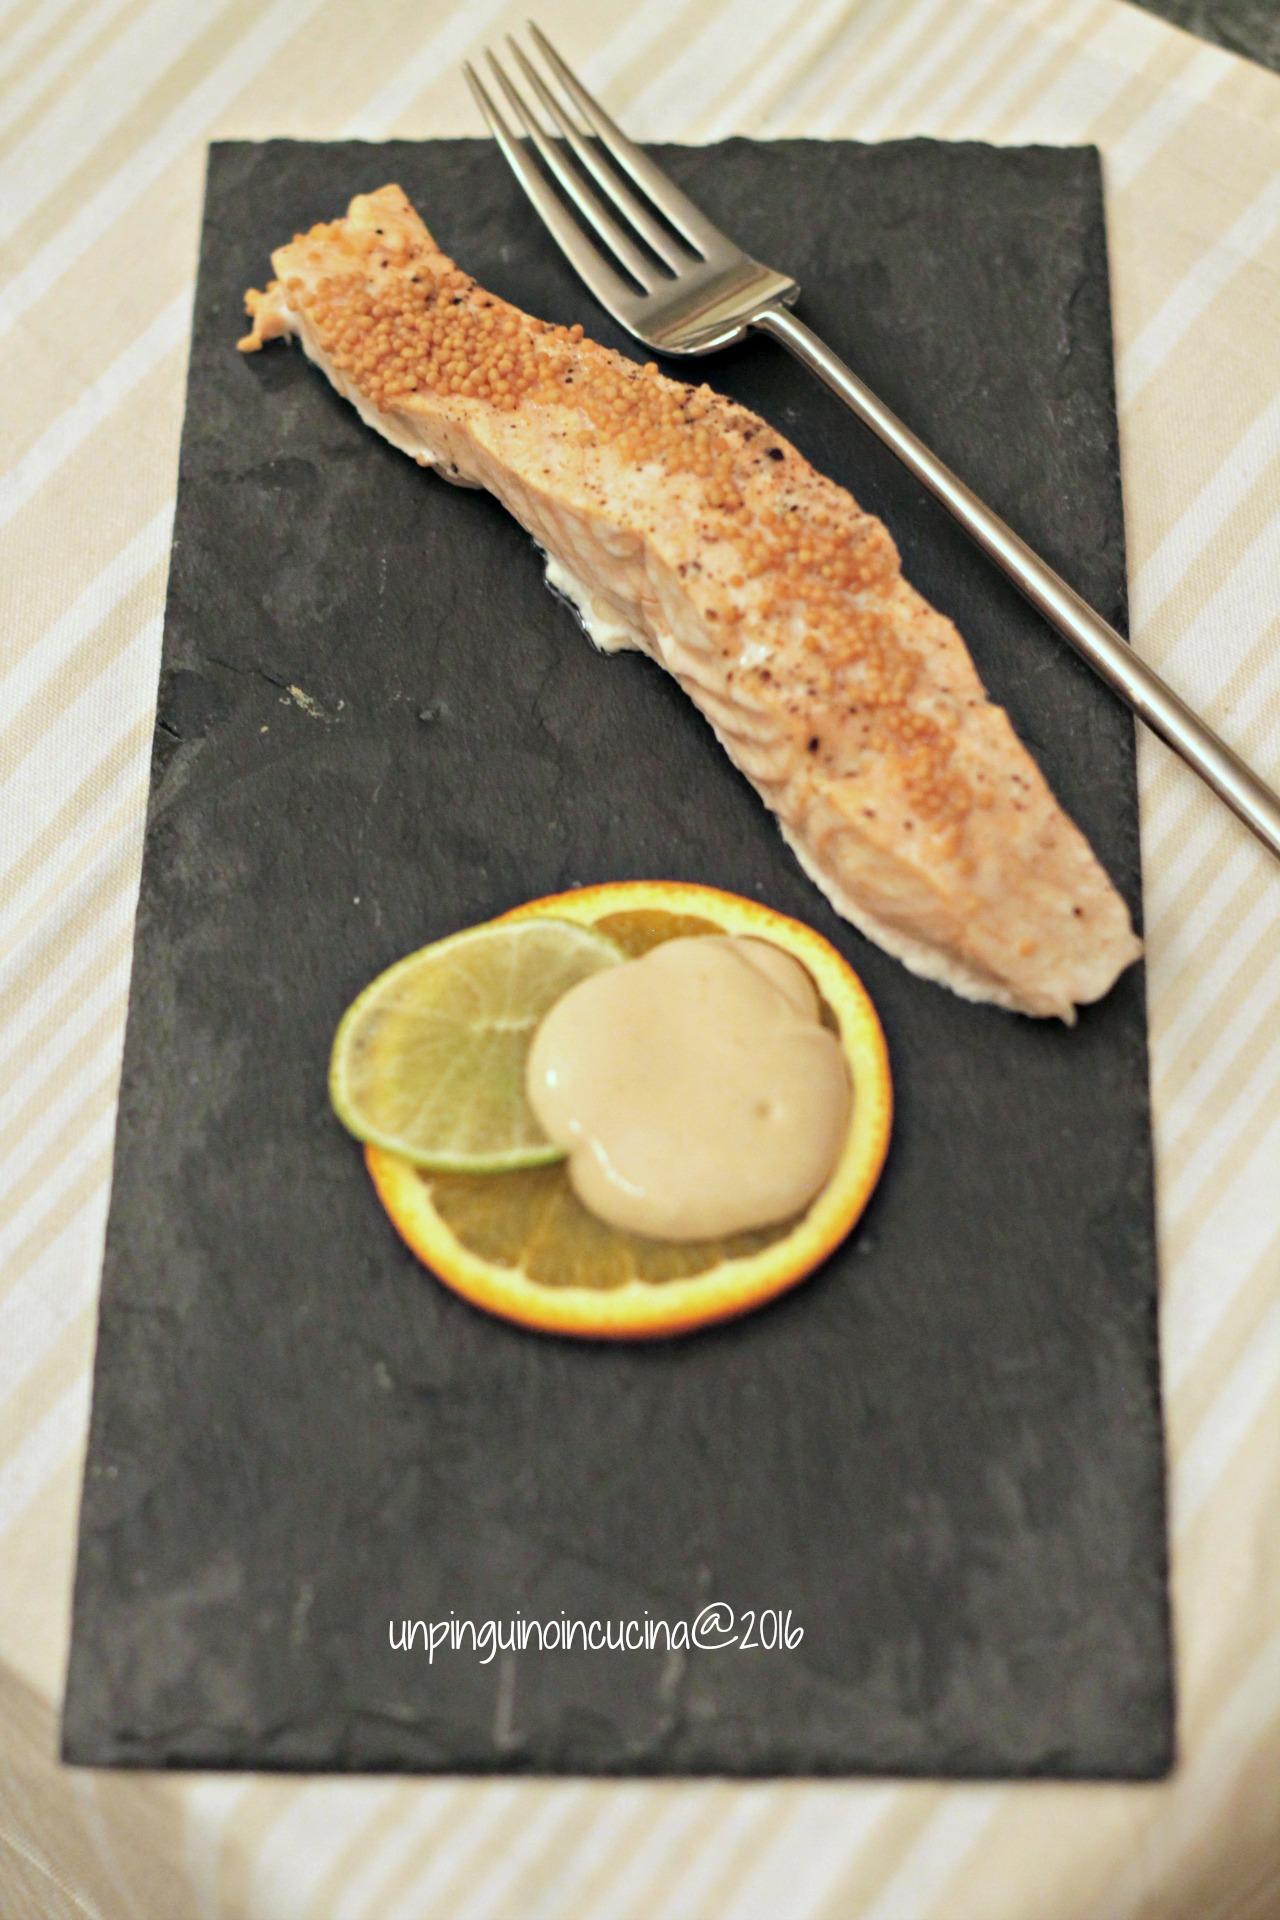 salmone-agli-agrumi-con-dip-alla-senape